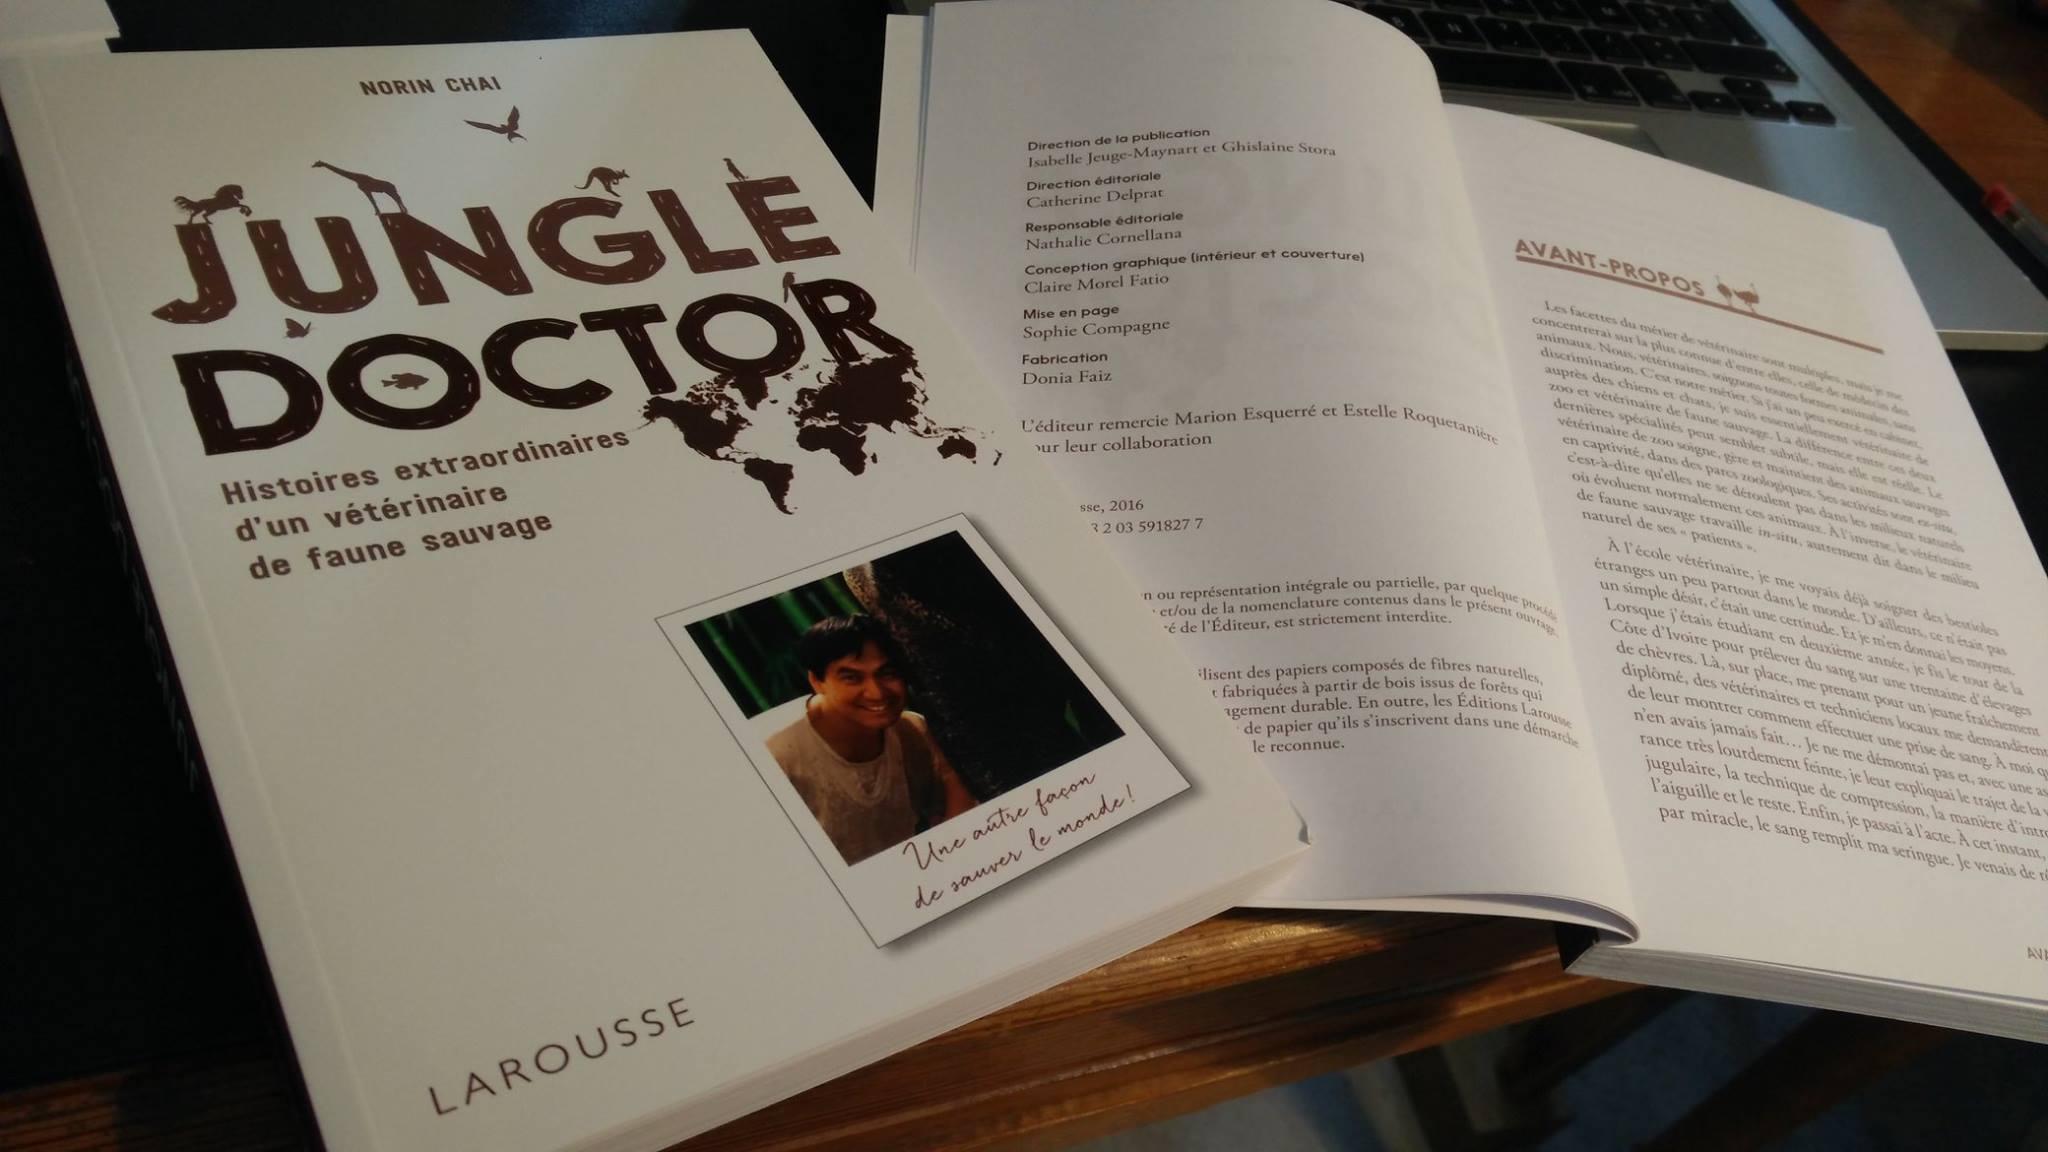 Jungle Doctor, histoires extraordinaires d'un vétérinaire de faune sauvage